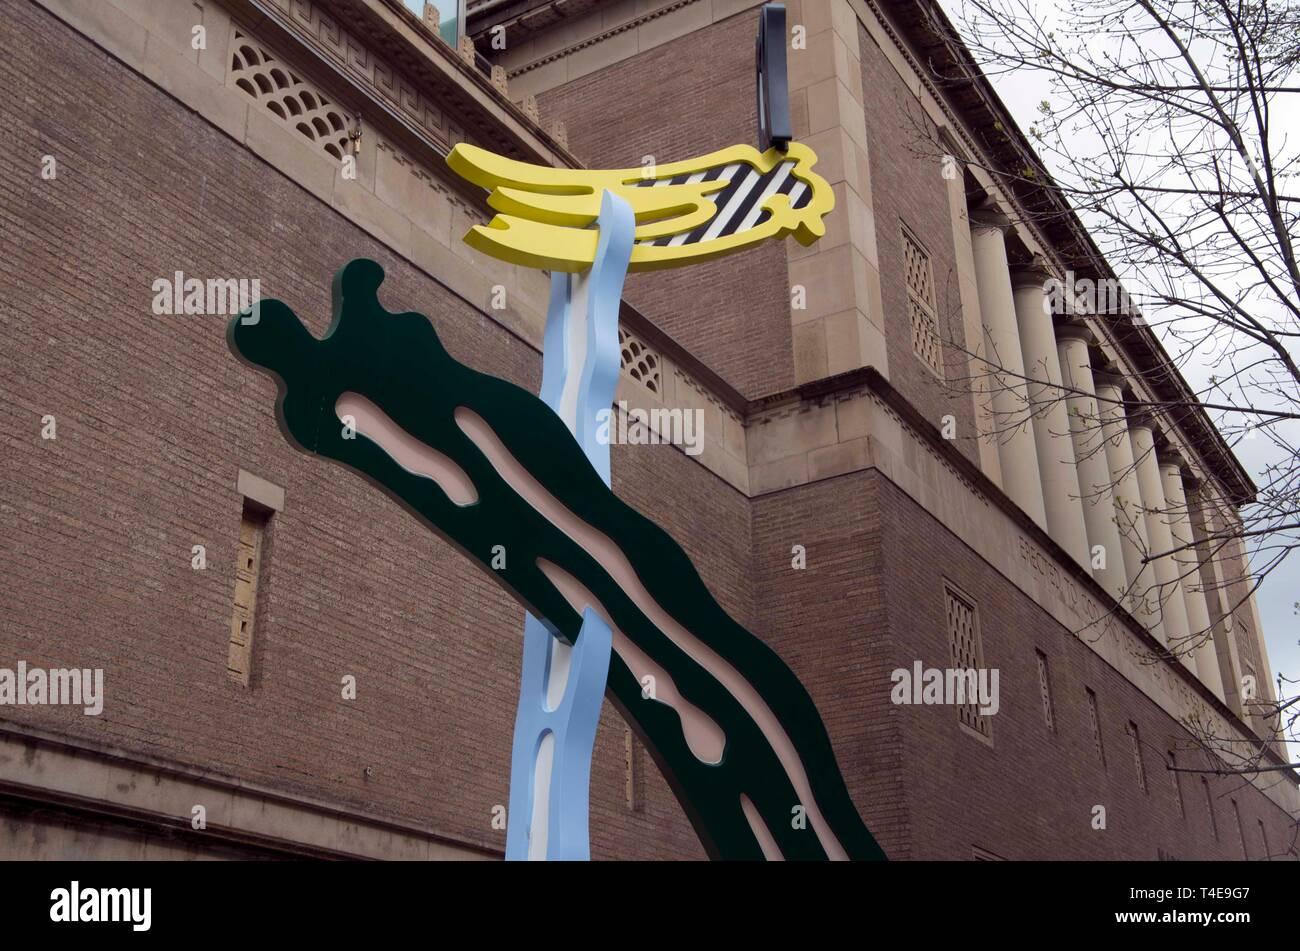 Le Portland Art Museum possède plusieurs œuvres d'art se tenant debout à l'extérieur de l'immeuble près de la rue. Banque D'Images